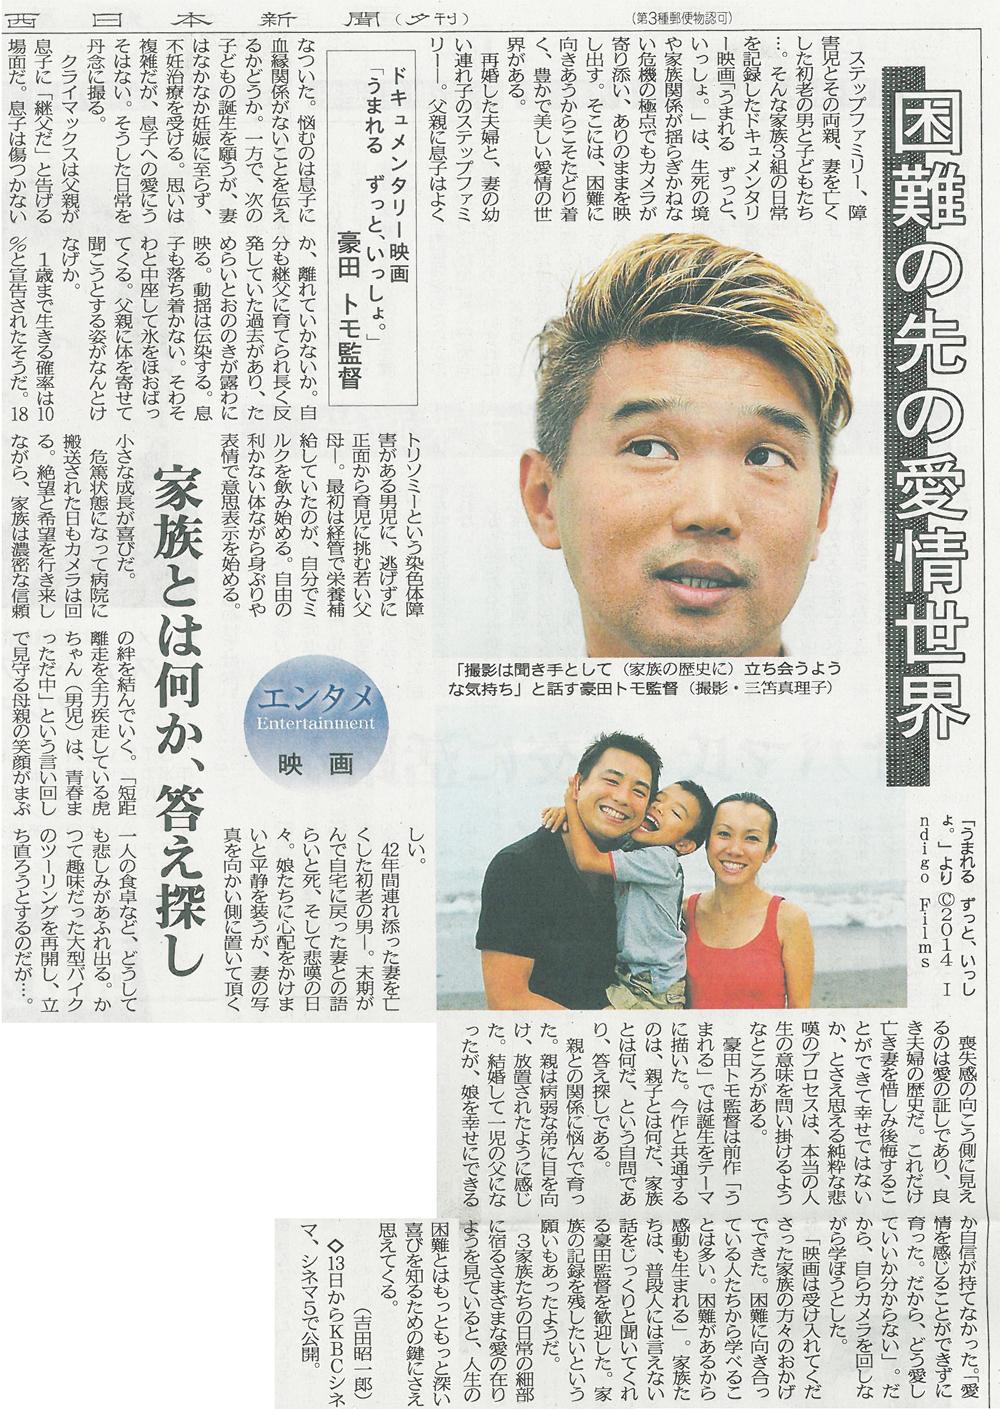 Nishishinbun141205.jpg